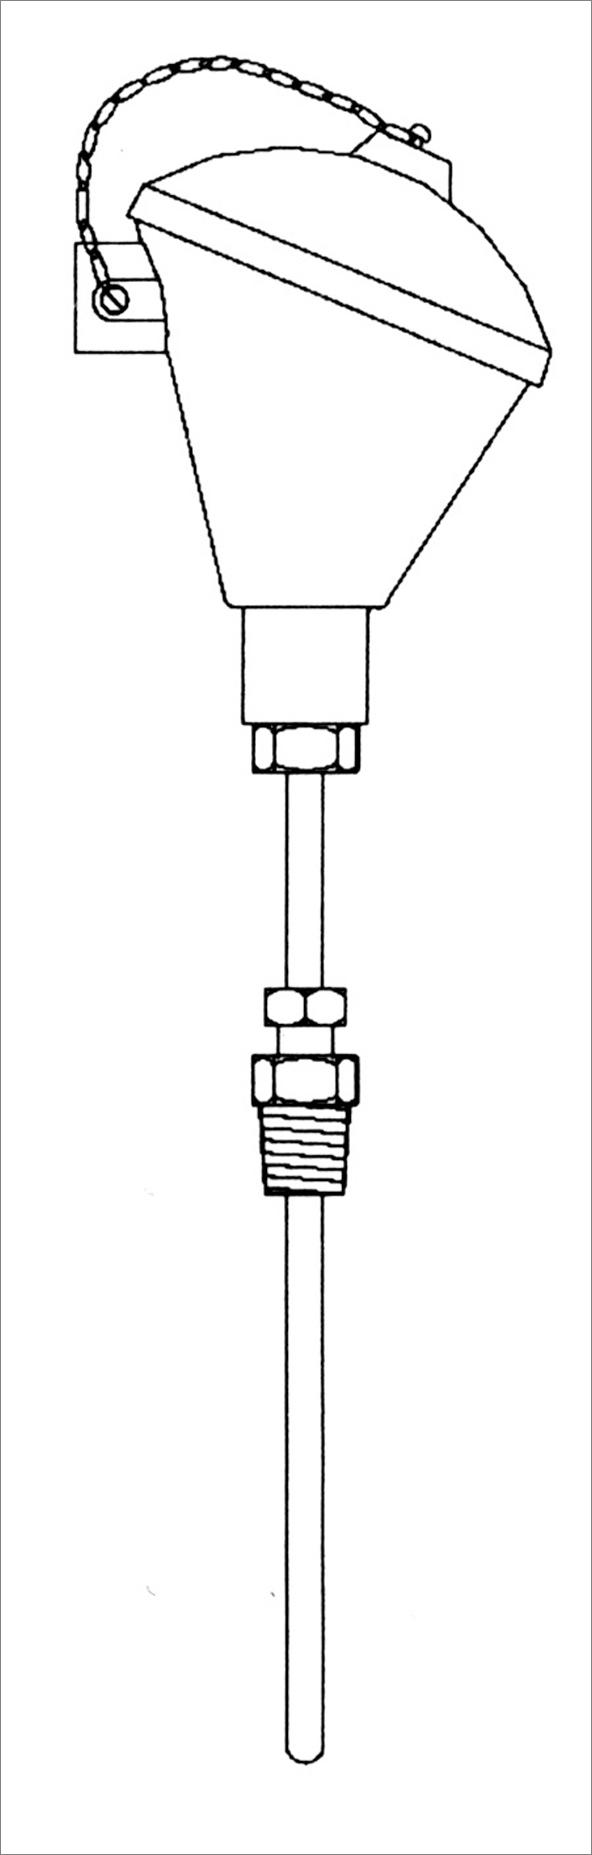 גשש RTD מסוג 00 תקן